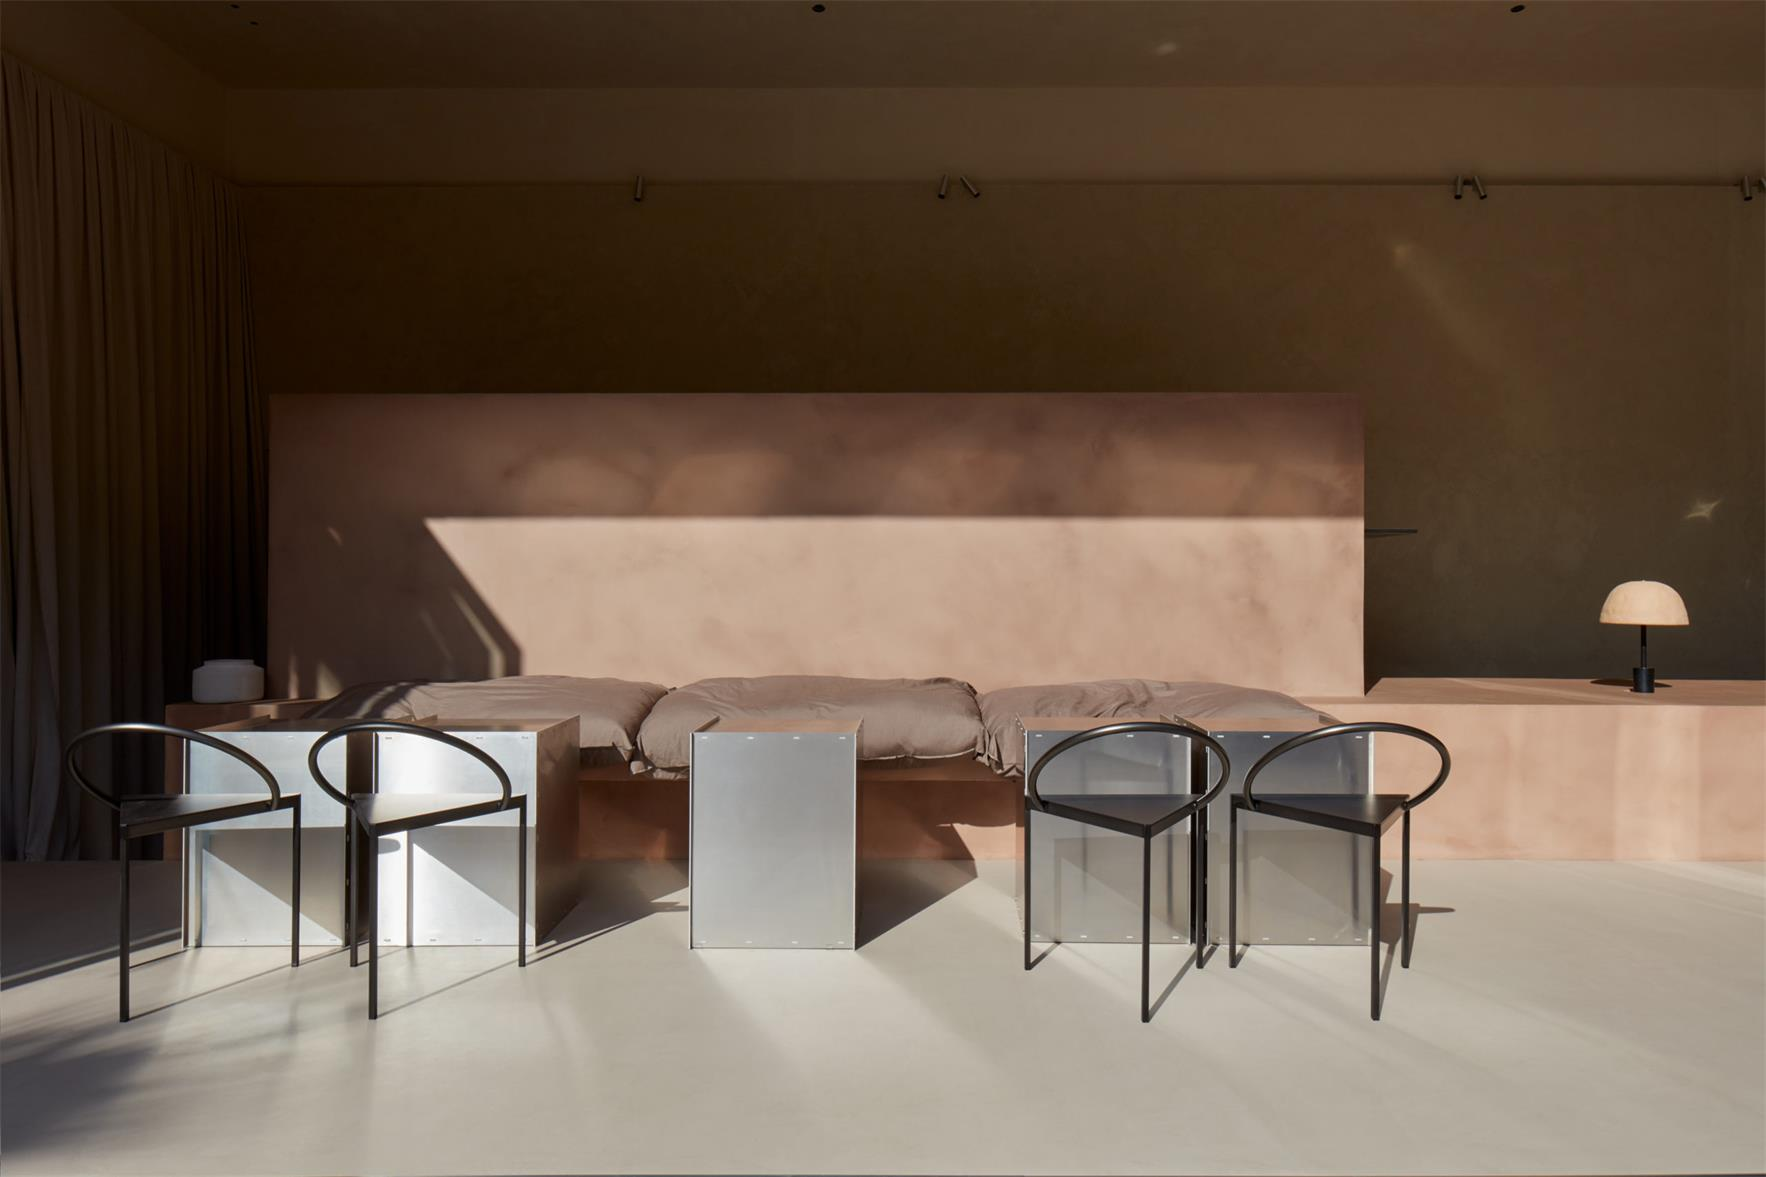 咖啡厅吧台区域与卡座结合设计